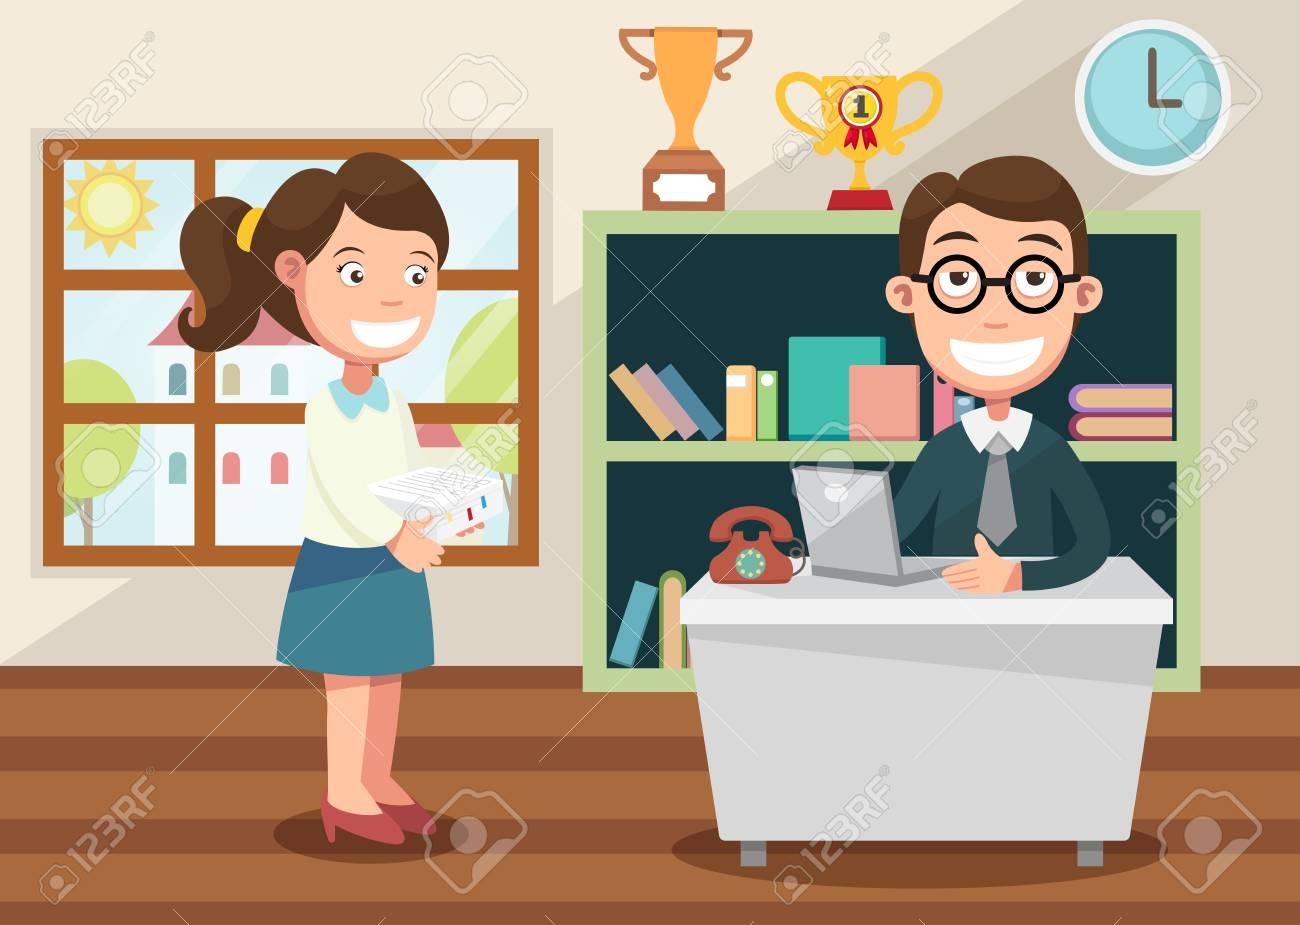 Lavoro Ufficio Clipart : Lavora in ufficio clipart royalty free vettori e illustrator